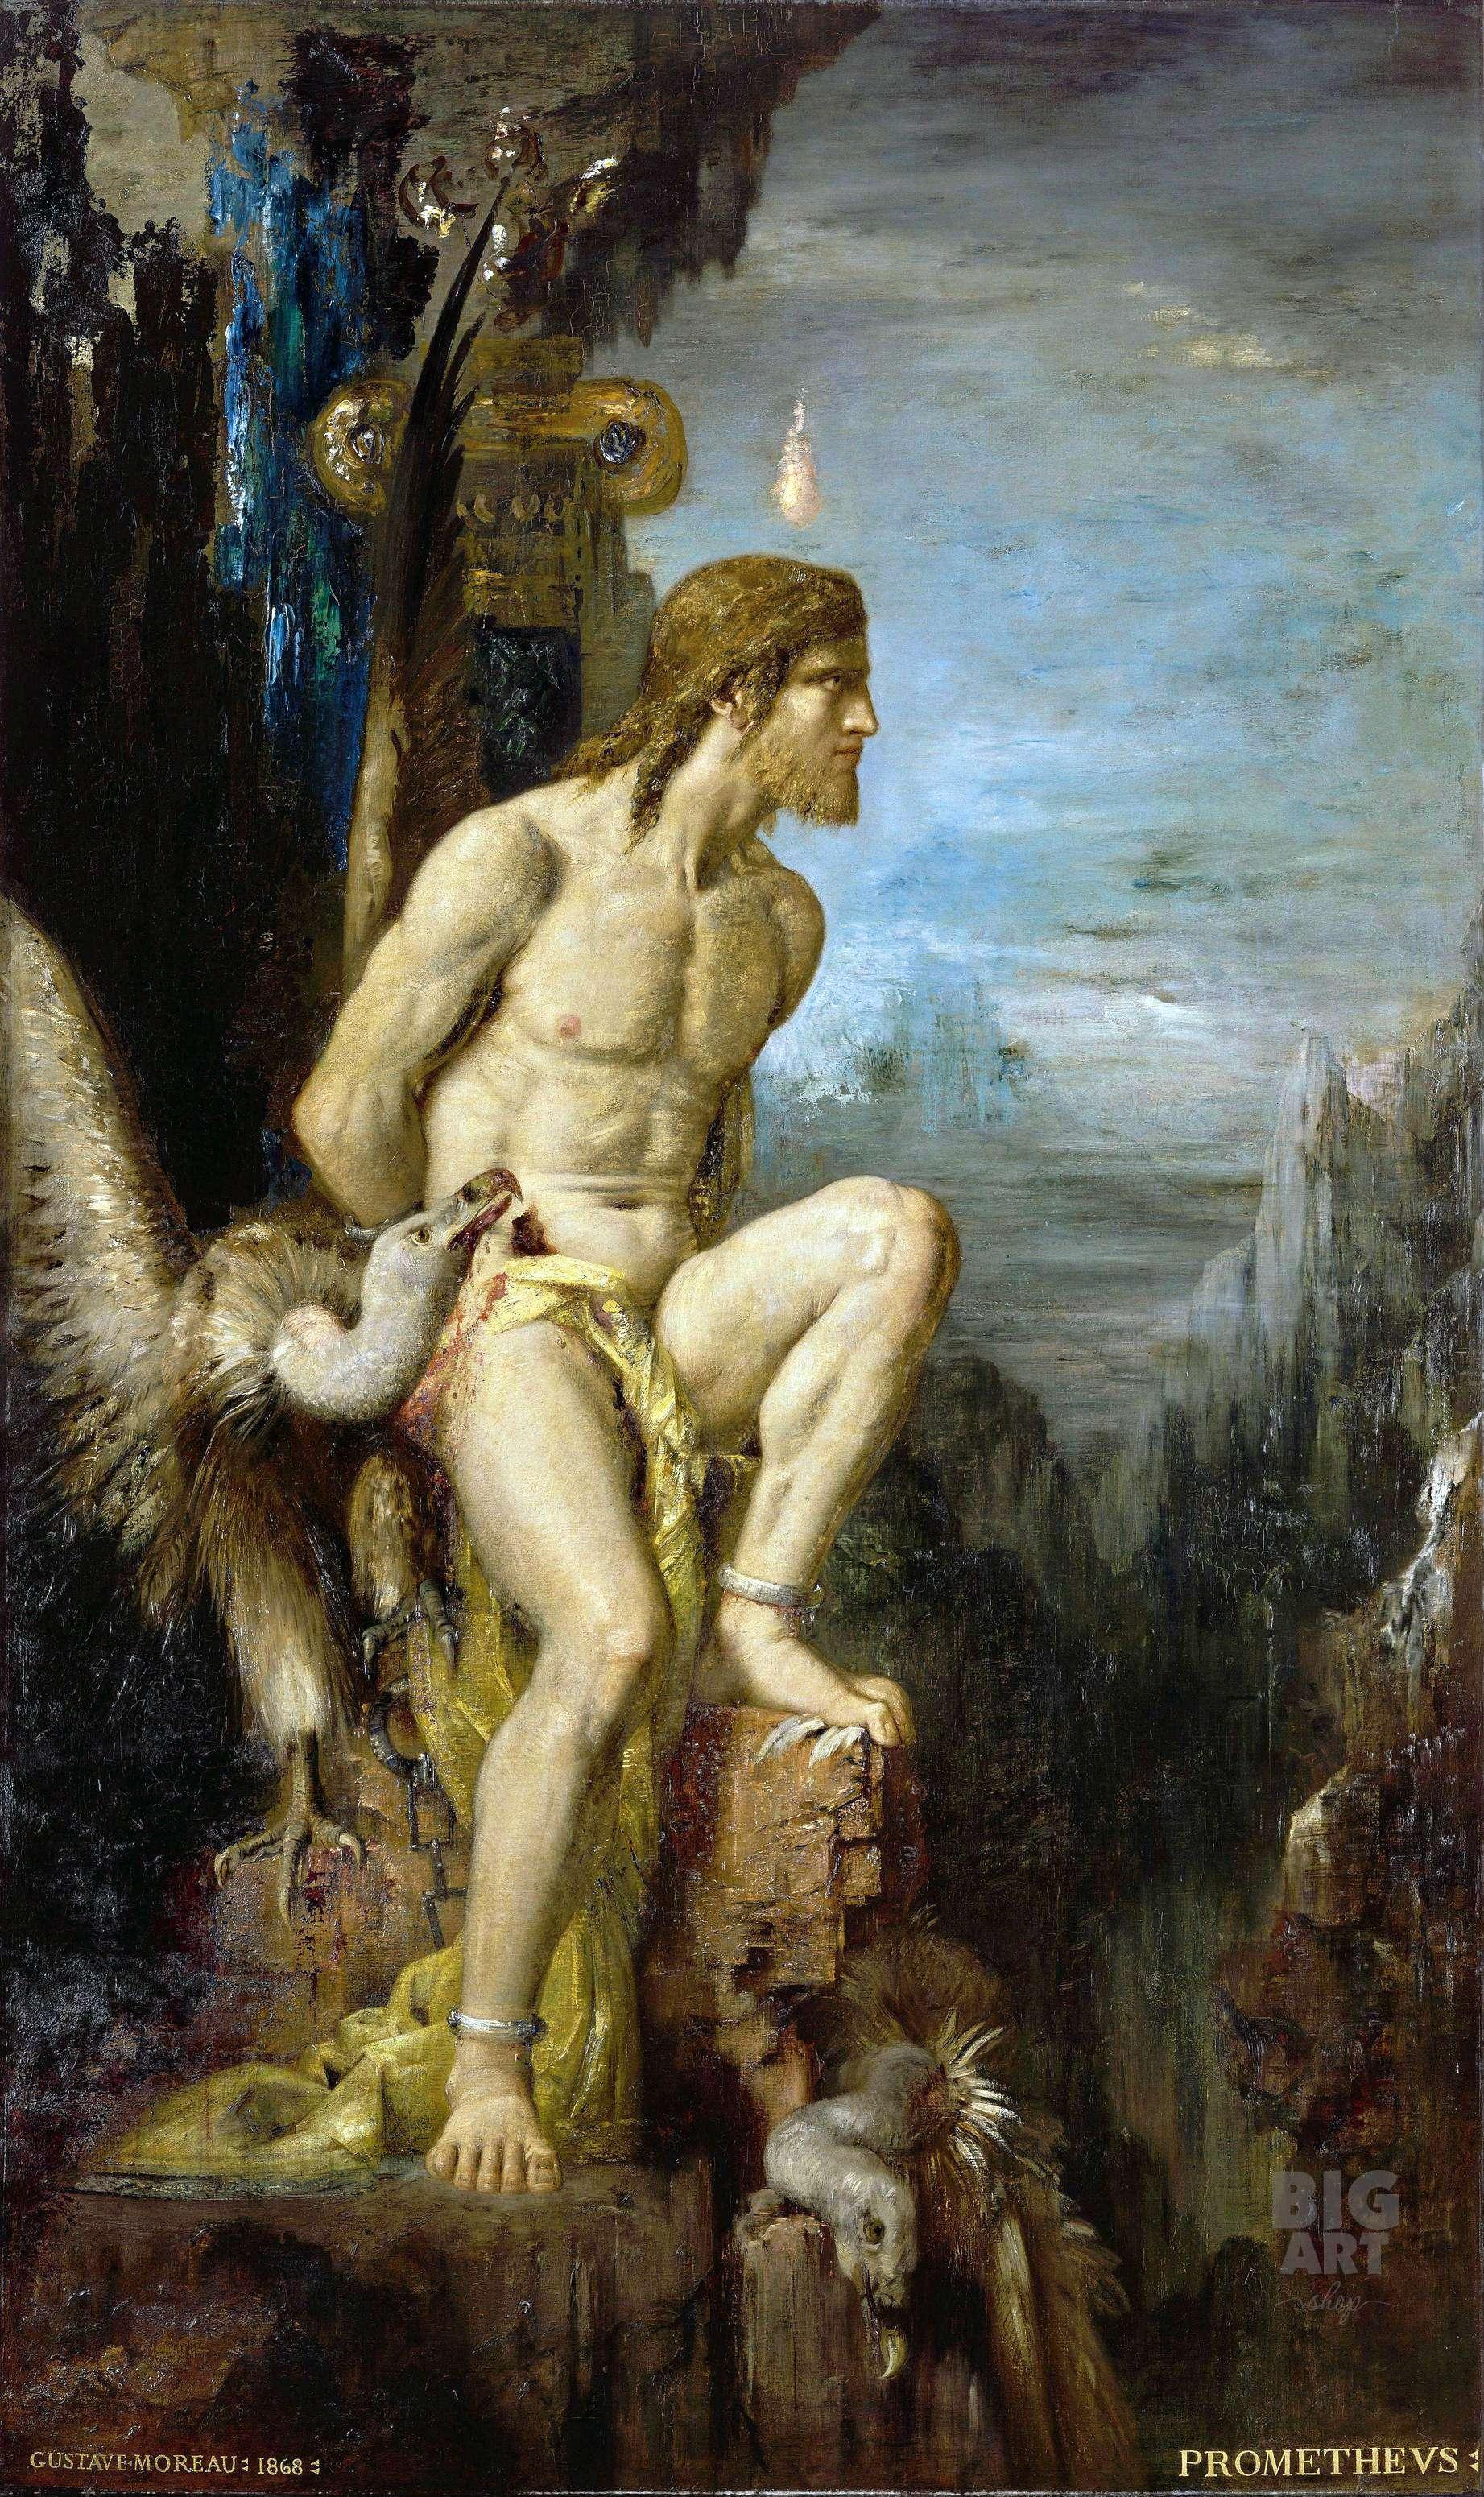 """Ο τραγικός μύθος του Προμηθέα προβάλλει, στην Αθήνα του 5ου αιώνα, έναν παράξενο μεσσιανισμό: """"ένας θεός πιο δυνατός από τον Δία θα γεννηθεί μια μέρα και θα συντρίψει την εξουσία του""""."""